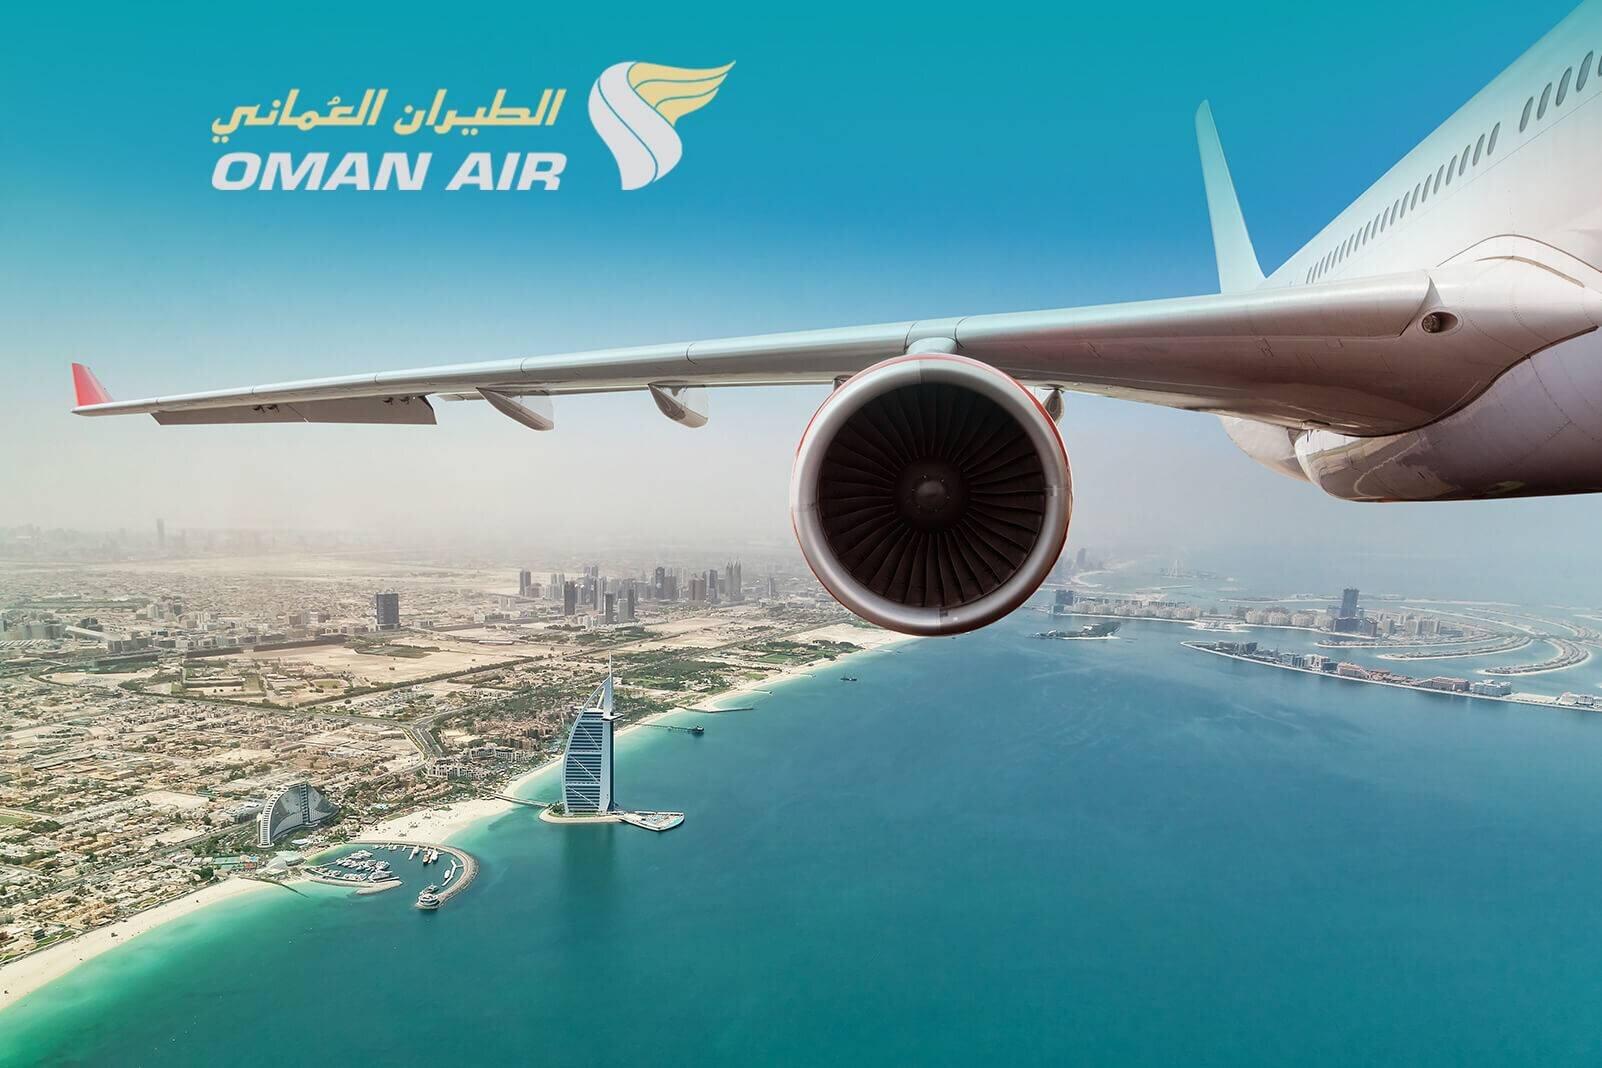 Oman Air'den Gidiş-Dönüş 449$'dan Başlayan Fiyatlar!